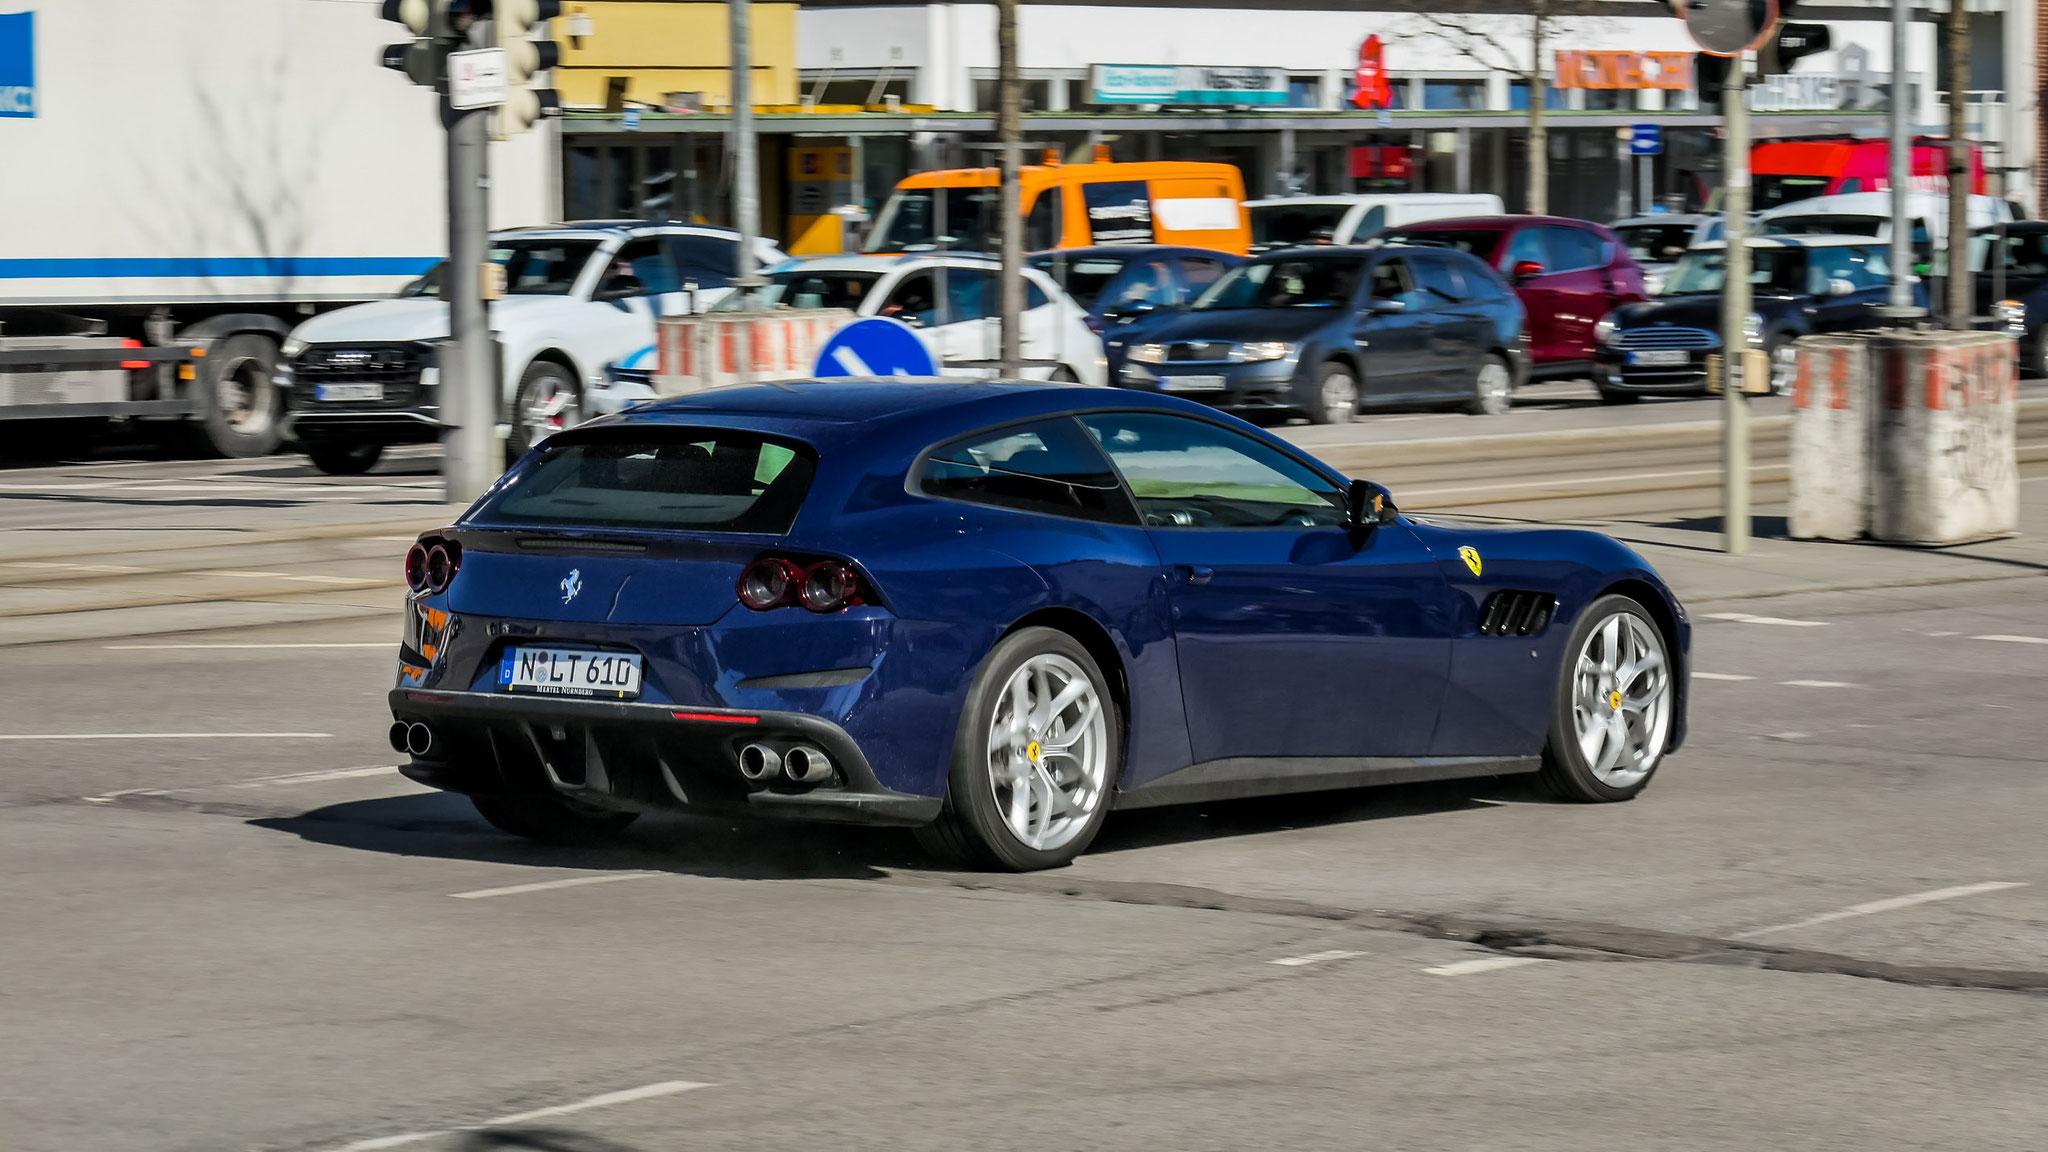 Ferrari GTC4 Lusso - N-LT-610